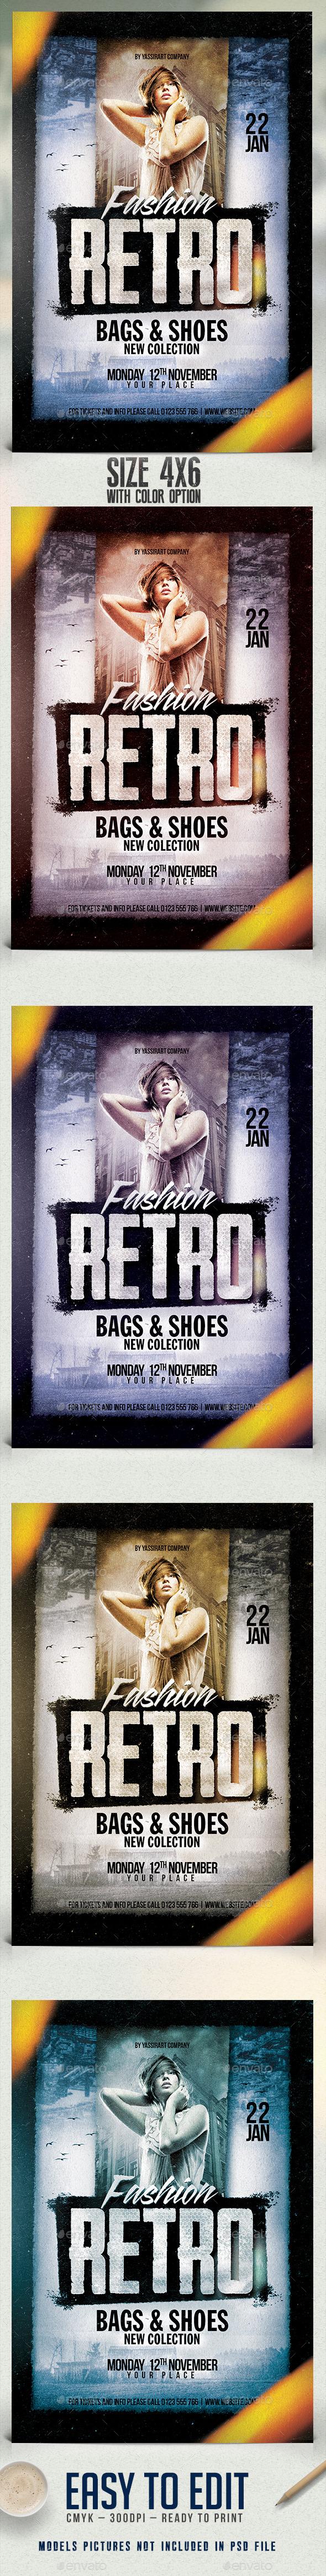 Fashion Retro Flyer Template